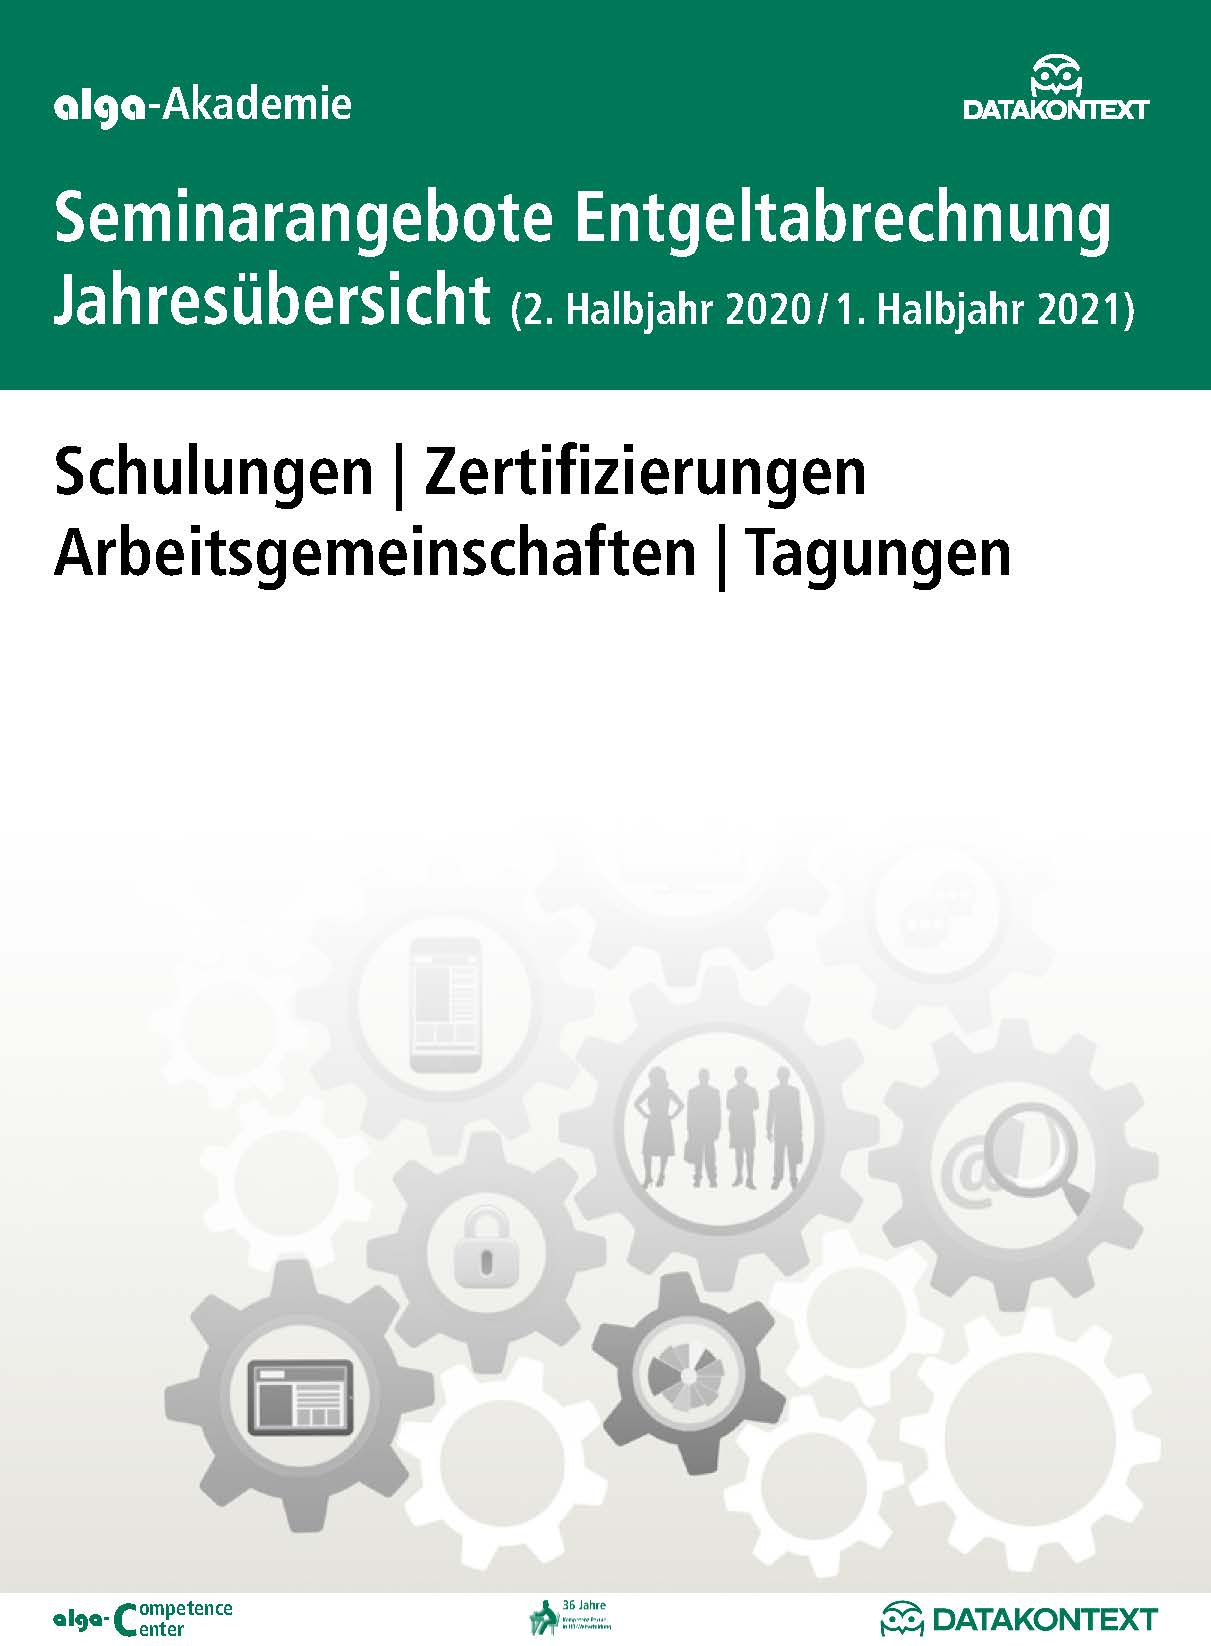 alga-Jahresuebersicht_2020-2021f2QUWEIX8Jai3